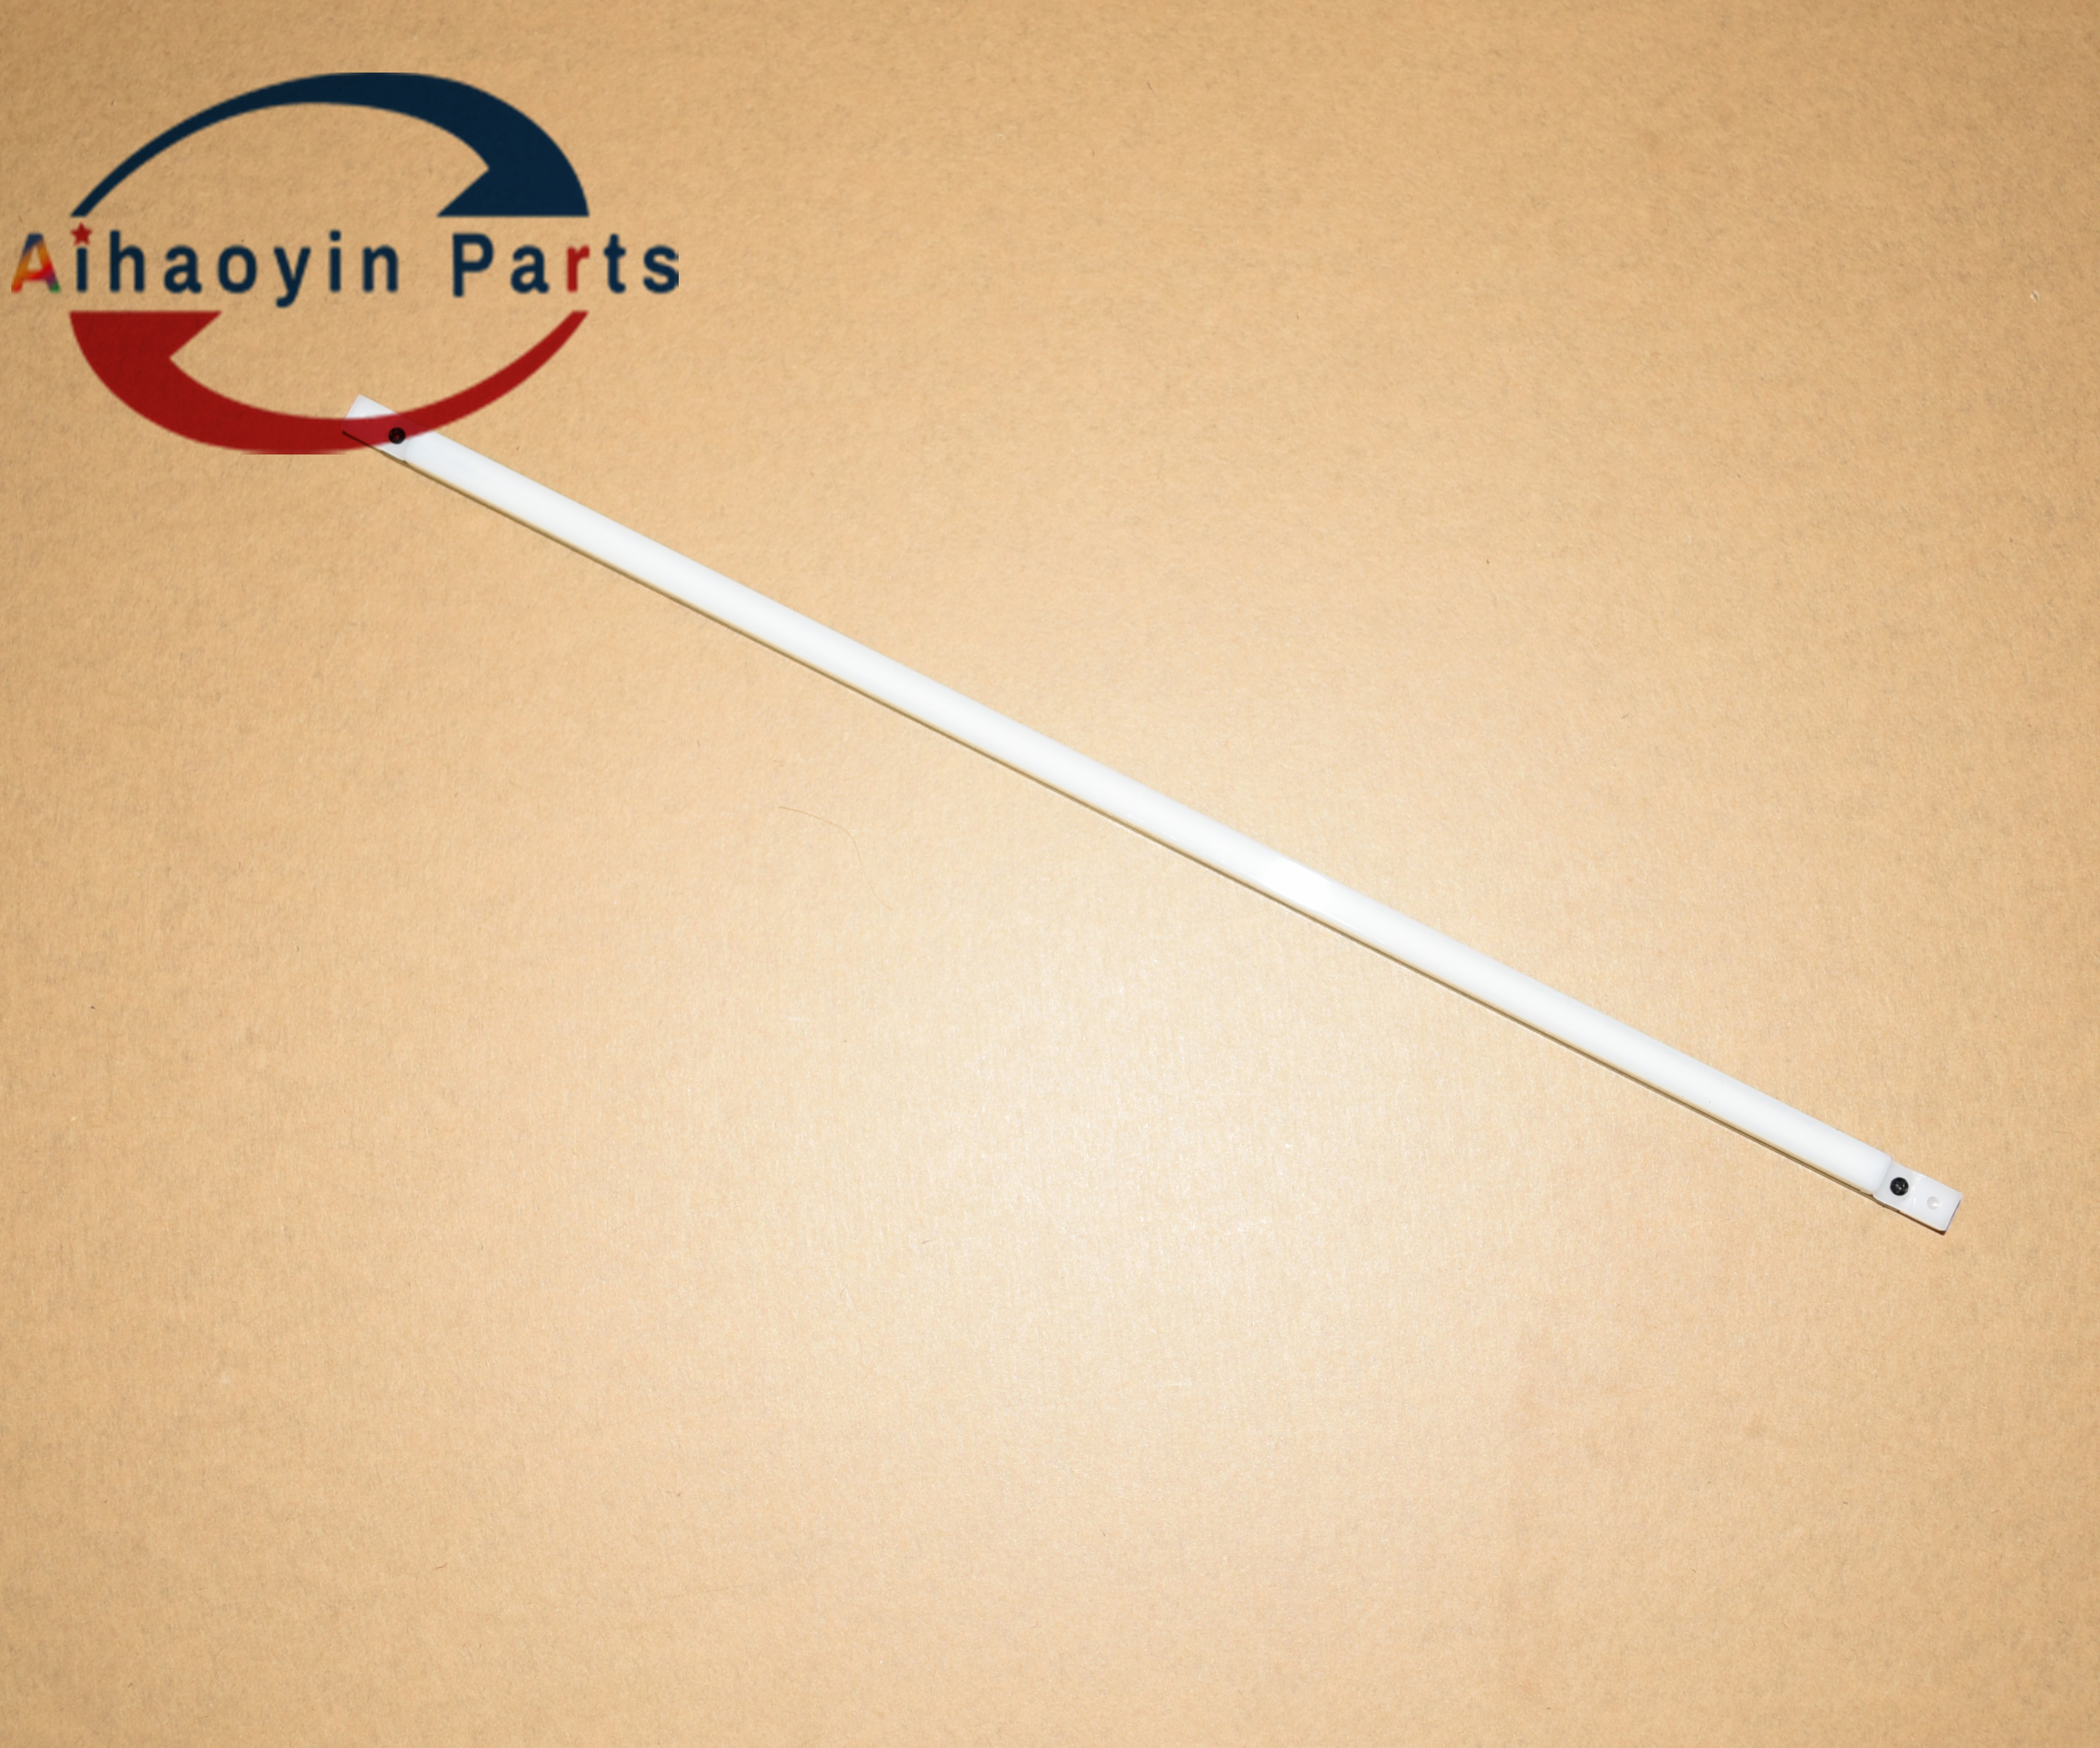 4 pièces Pro C6501 Tambour Lubrifiant Barre De Cire Pour Konica Minolta Bizhub C5500 C5501 C6500 C6000 C7000